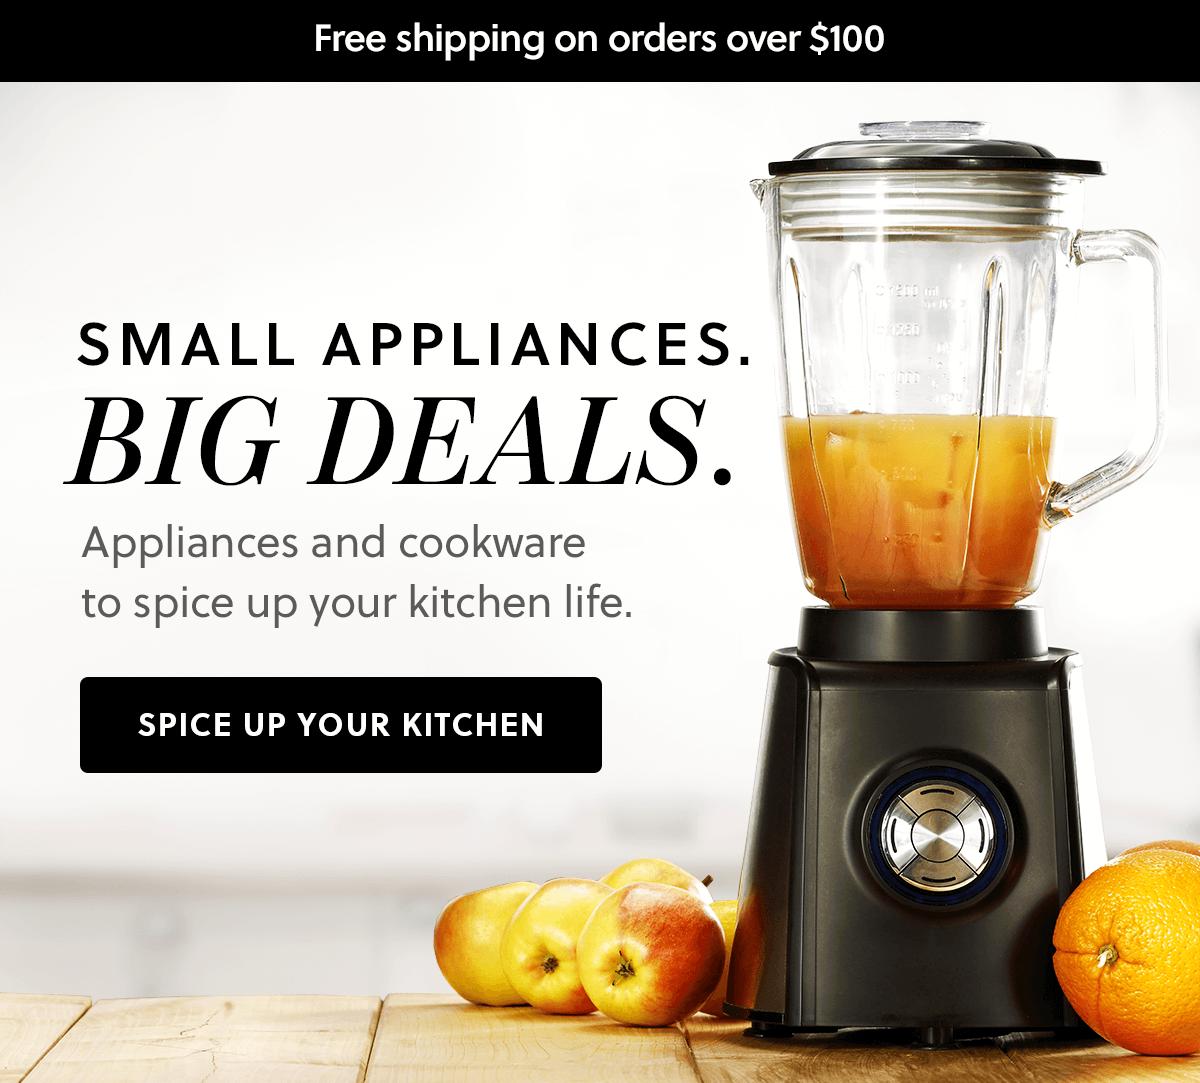 Small Appliances. Big Deals.